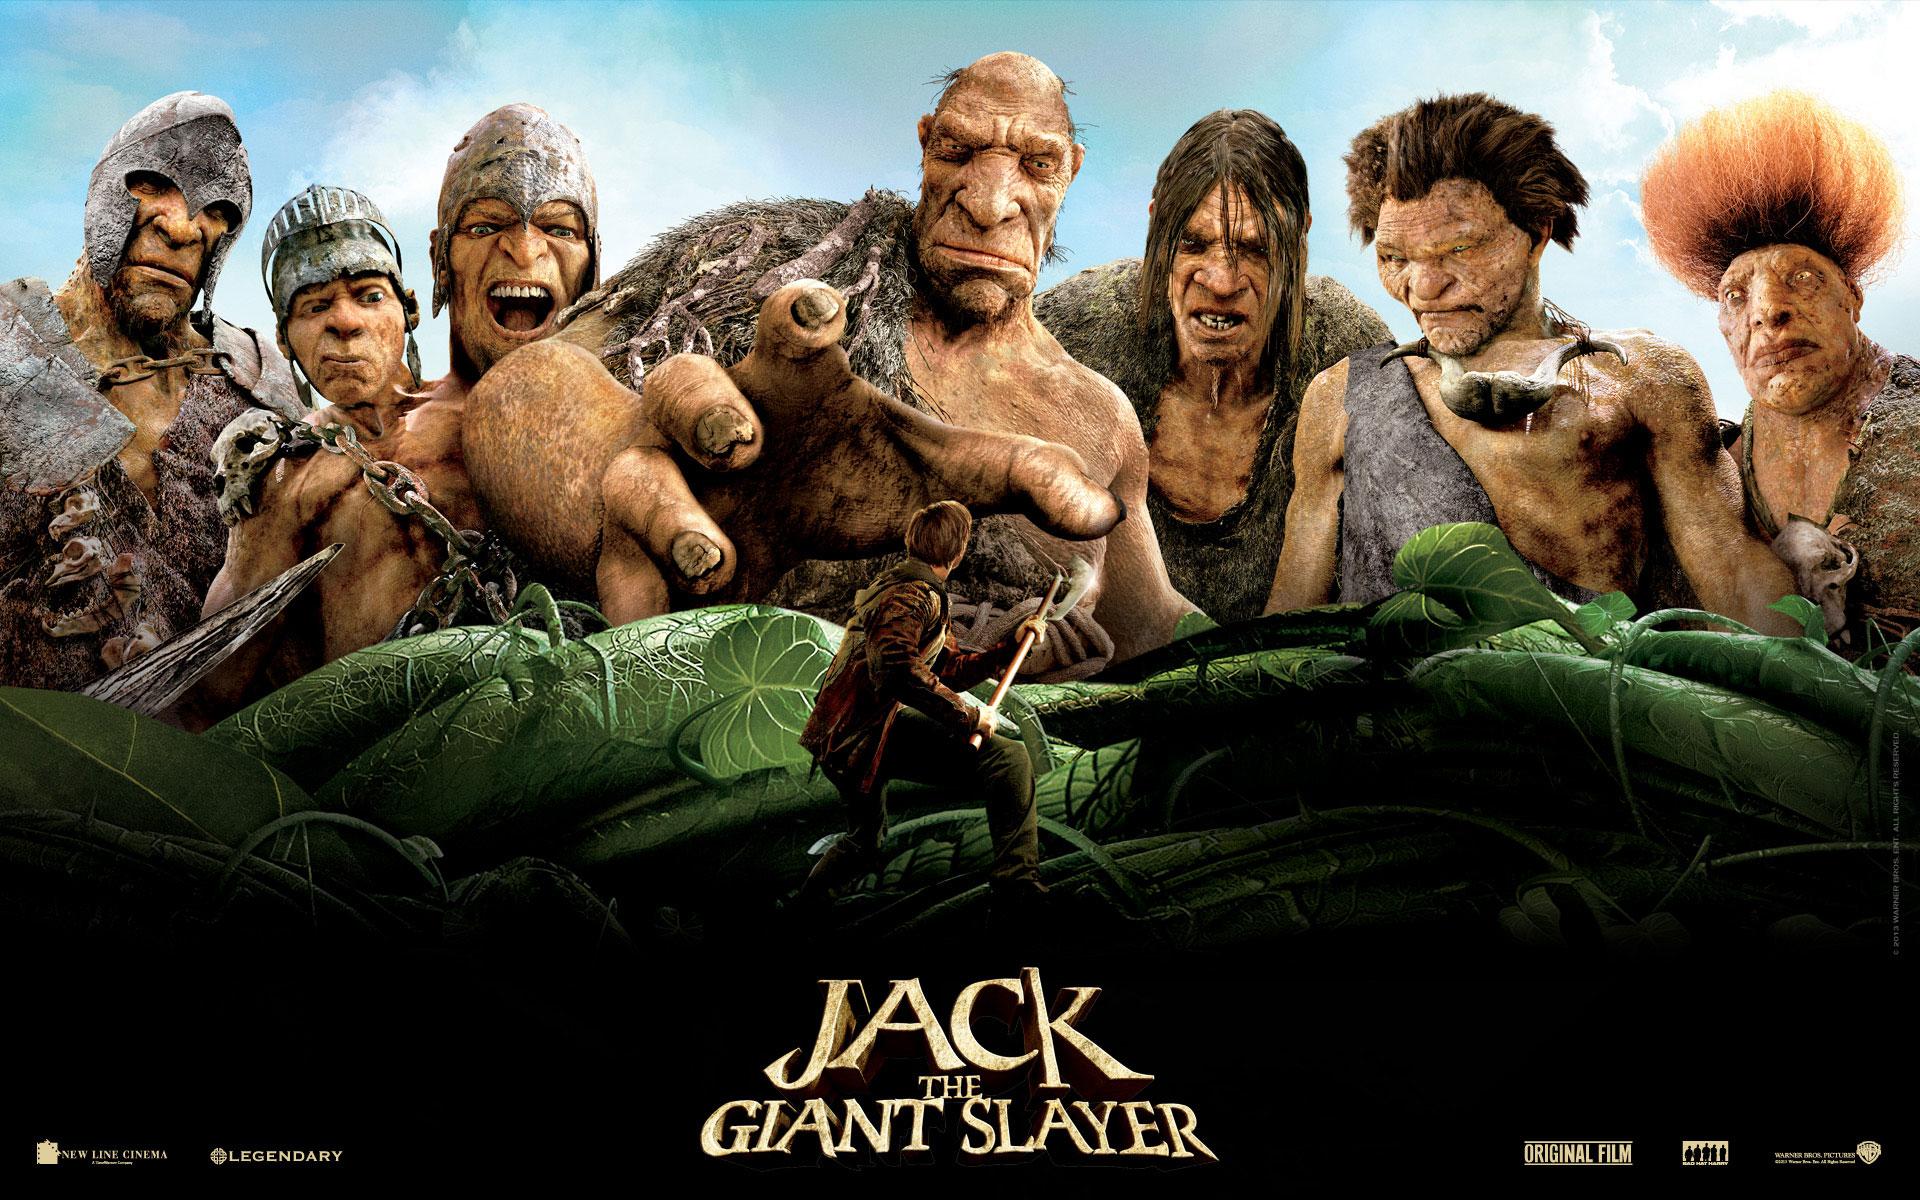 Джек покоритель великанов постер фильм бесплатно